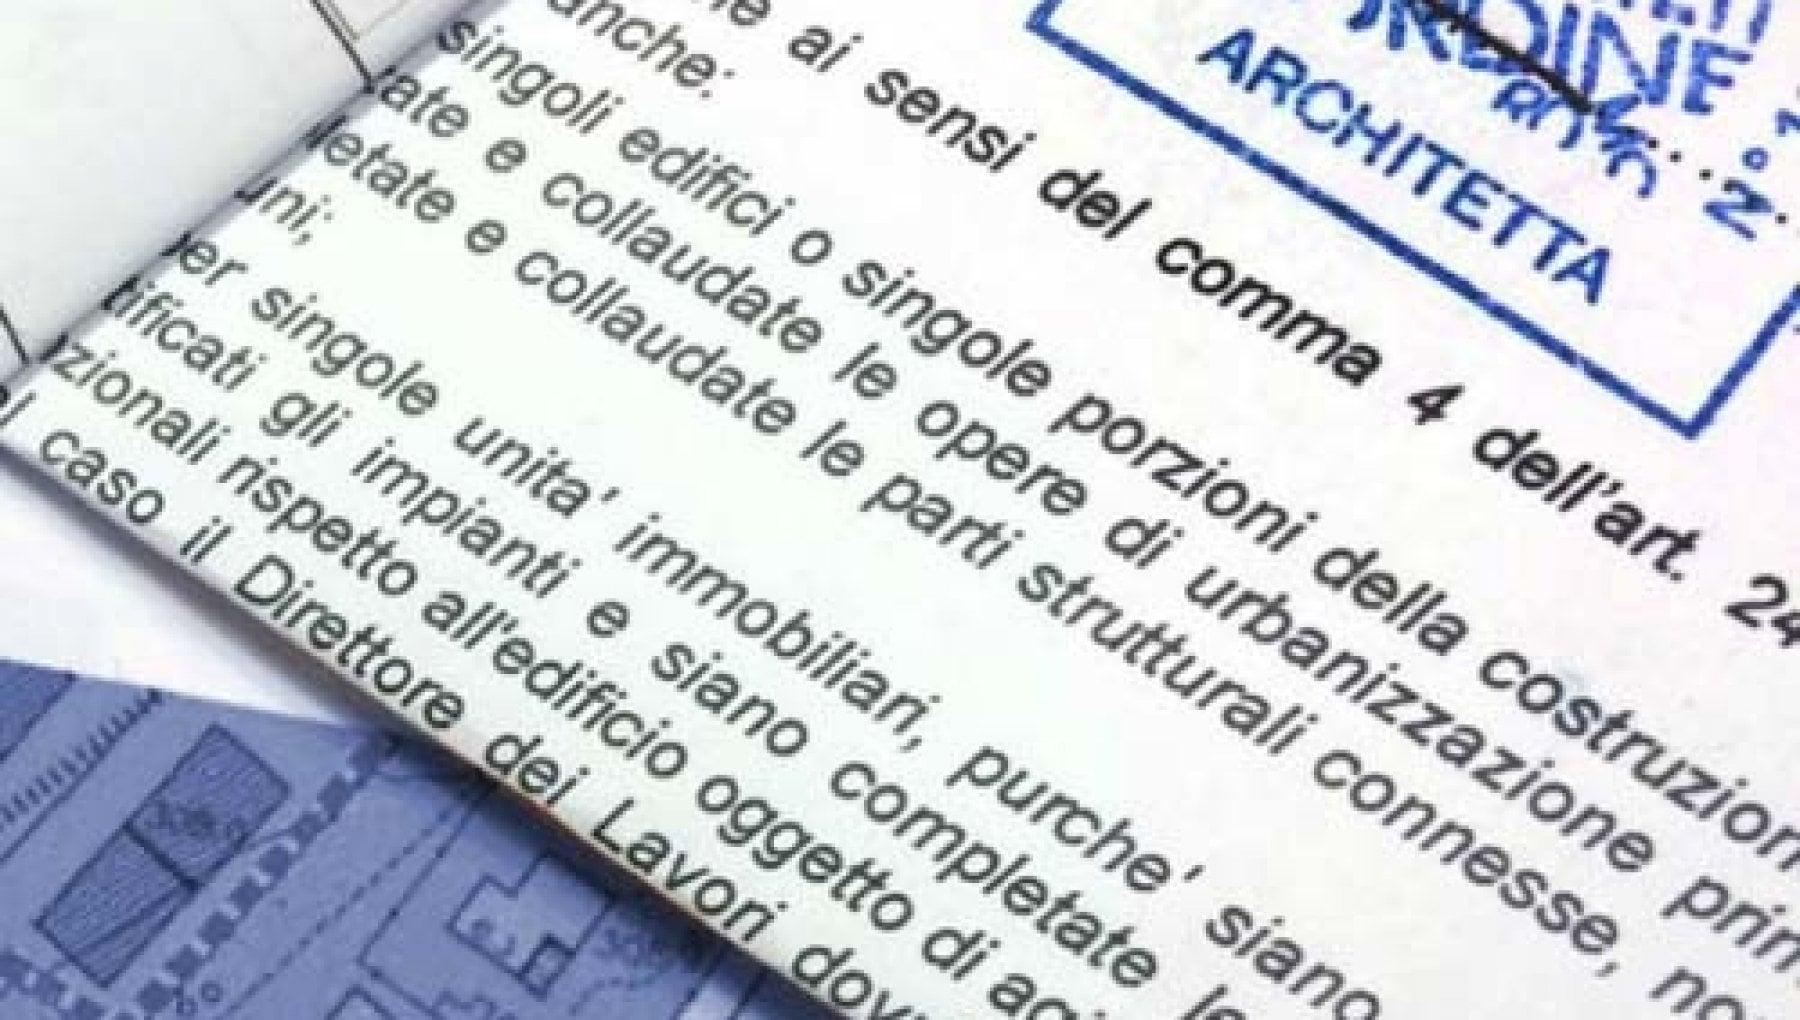 """174602811 65ac027f e217 4cb5 ac2d 01026212728f - Sardegna, arriva il timbro al femminile: sulla firma c'è scritto """"Architetta"""""""